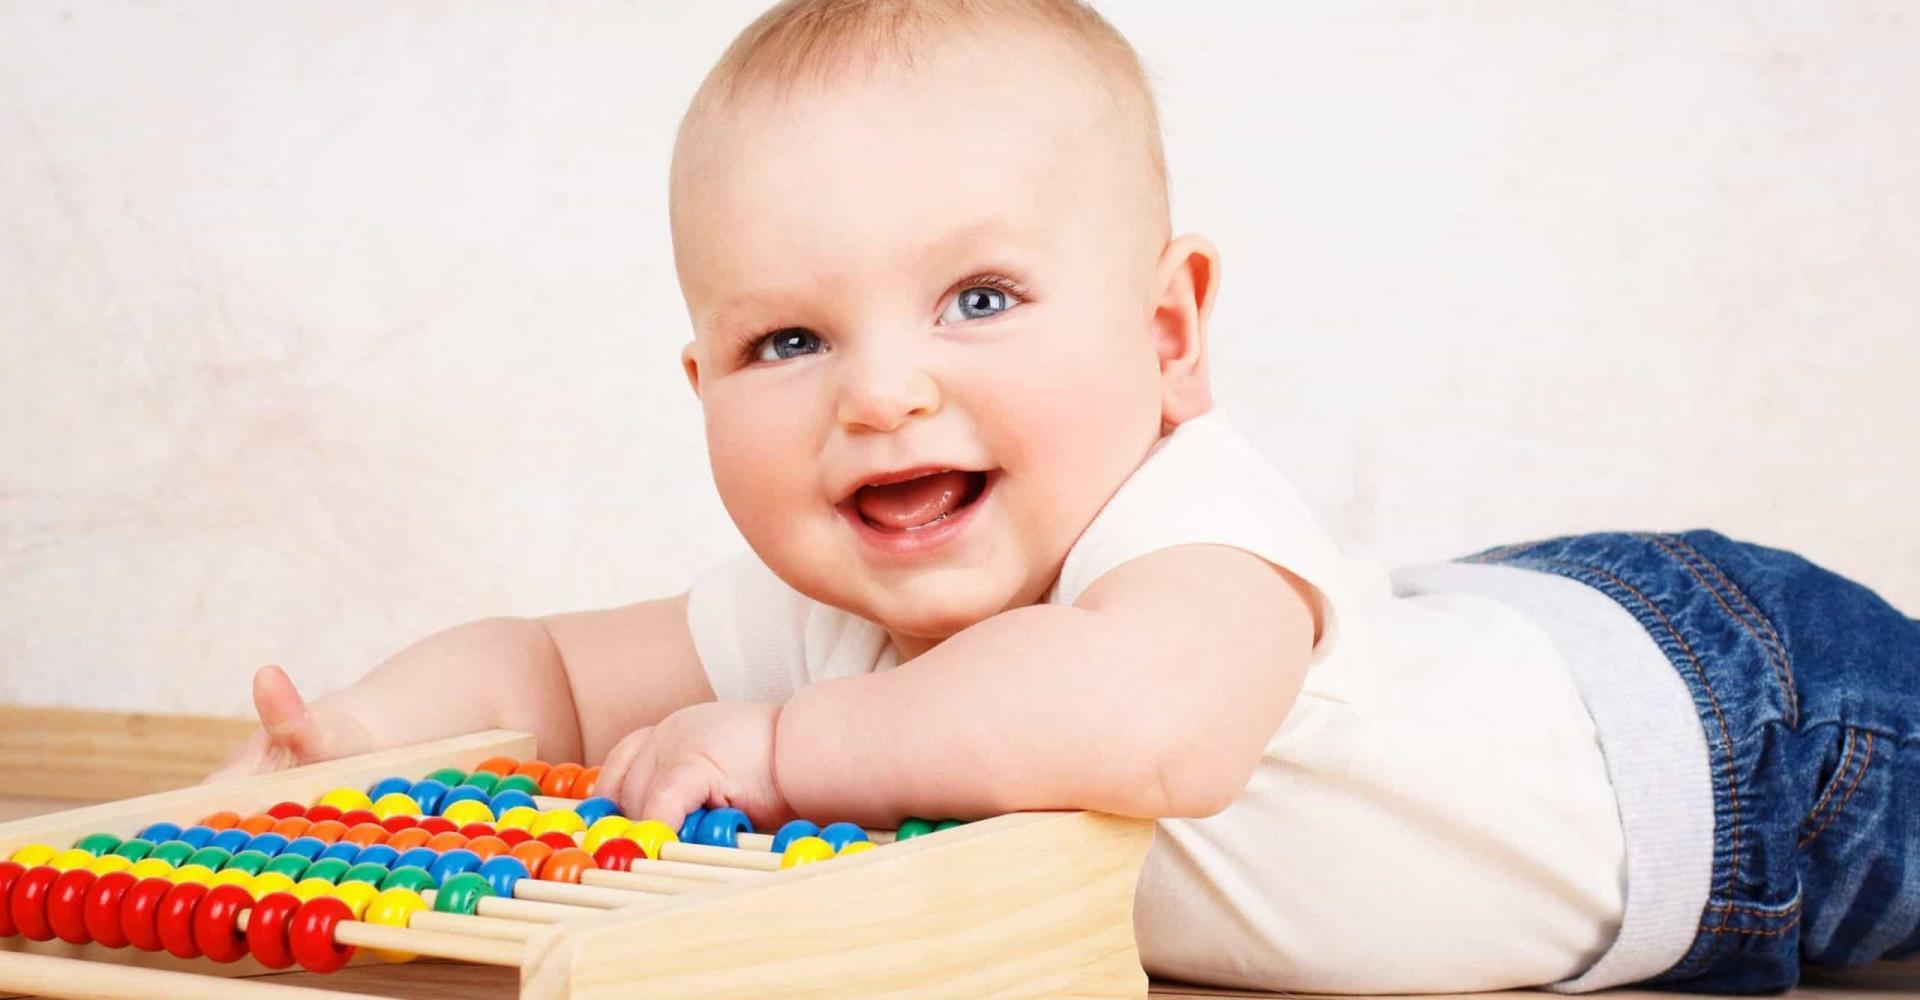 Kies deze babynamen voor een succesvol kind